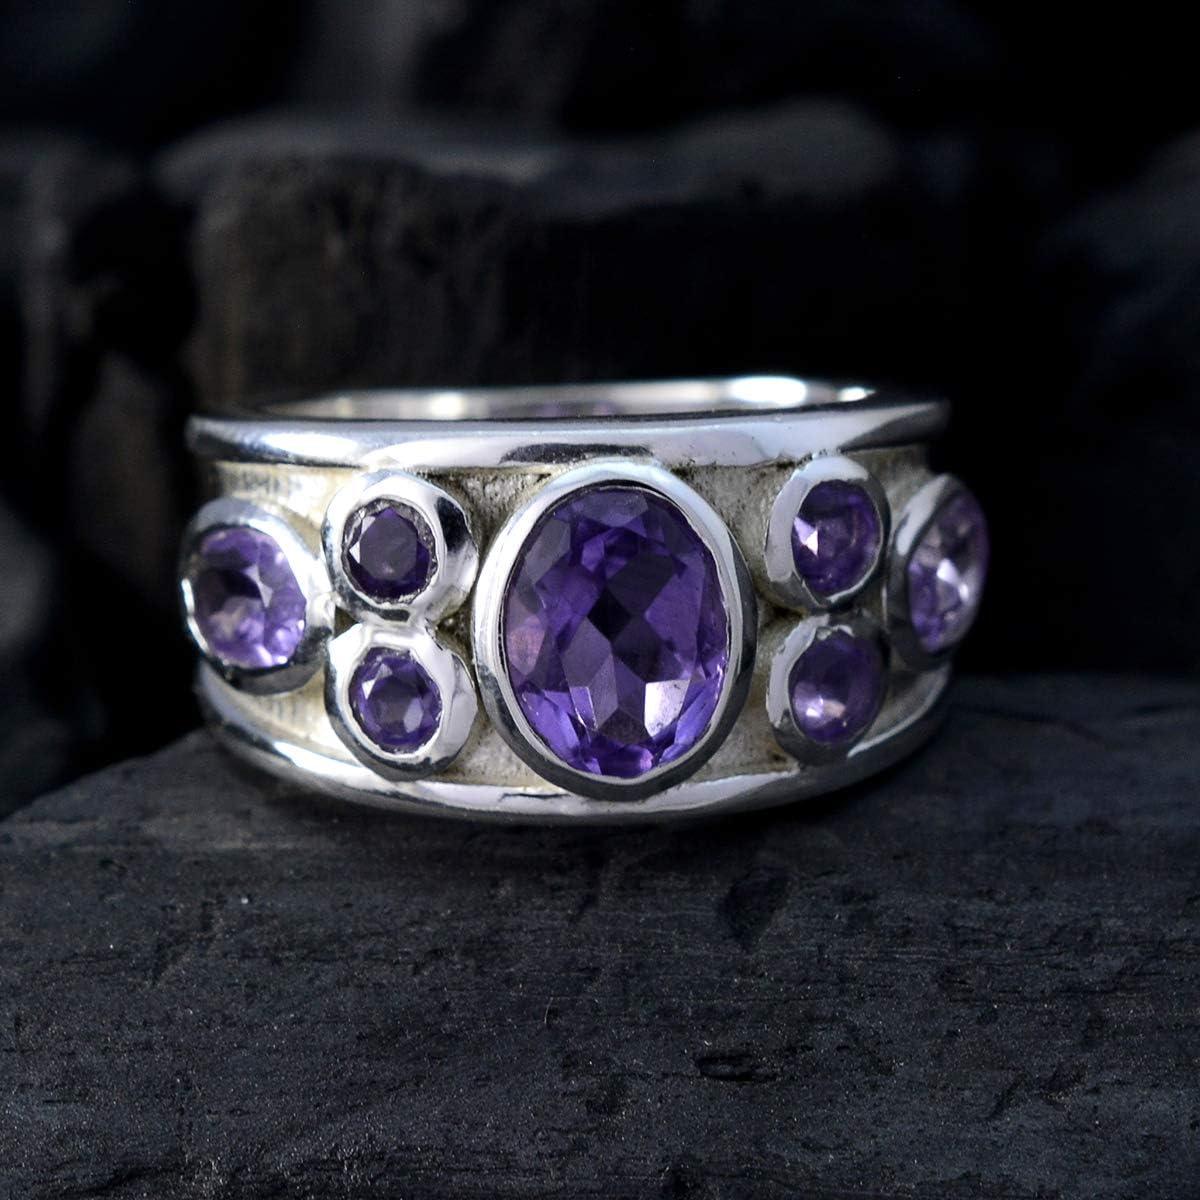 cadeau de la plupart des bijoux pour homme pour donner une bague pierres pr/écieuses Bague am/éthyste facett/ée avec pierres pr/écieuses naturelles argent massif am/éthyste pourpre bague